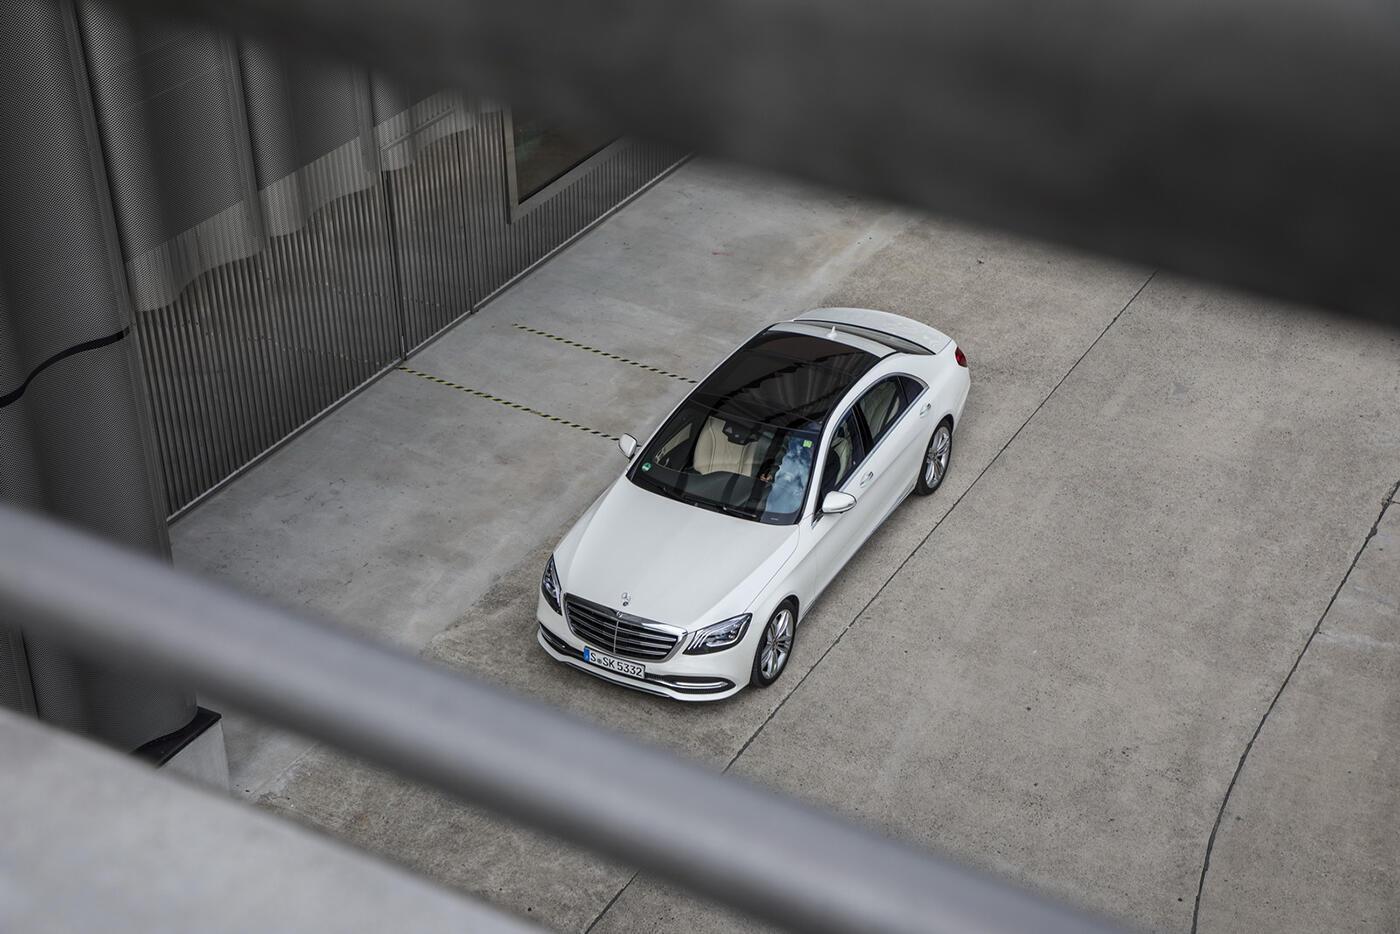 """Chiêm ngưỡng """"kiệt tác"""" Mercedes-Benz S-Class 2018 - Hình 6"""